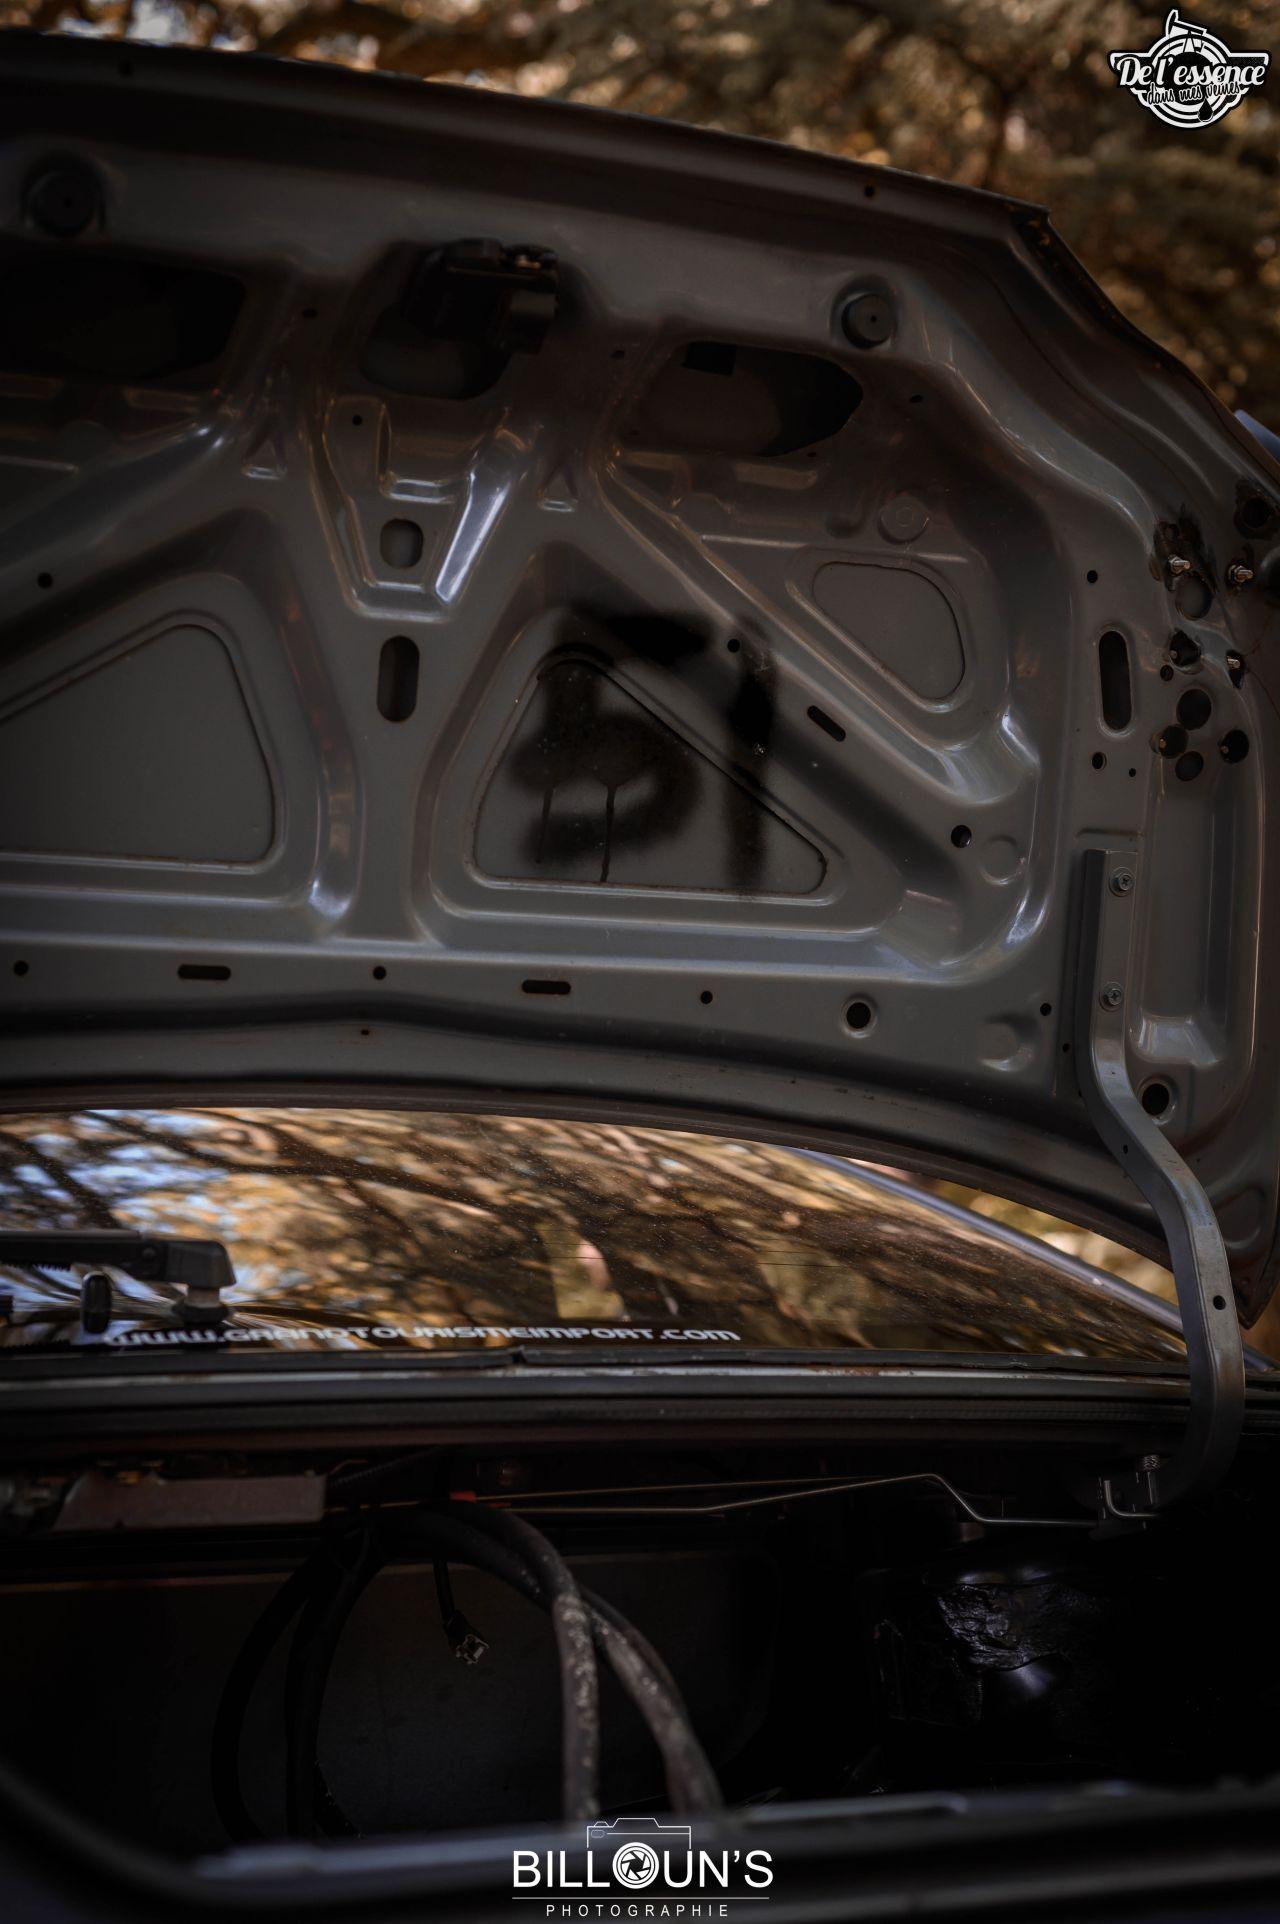 """La Nissan Silvia S15 Autech de Mickaël- """"Alors n'abîme pas sa Mona"""" (parce que c'est la vraie) ! 31"""